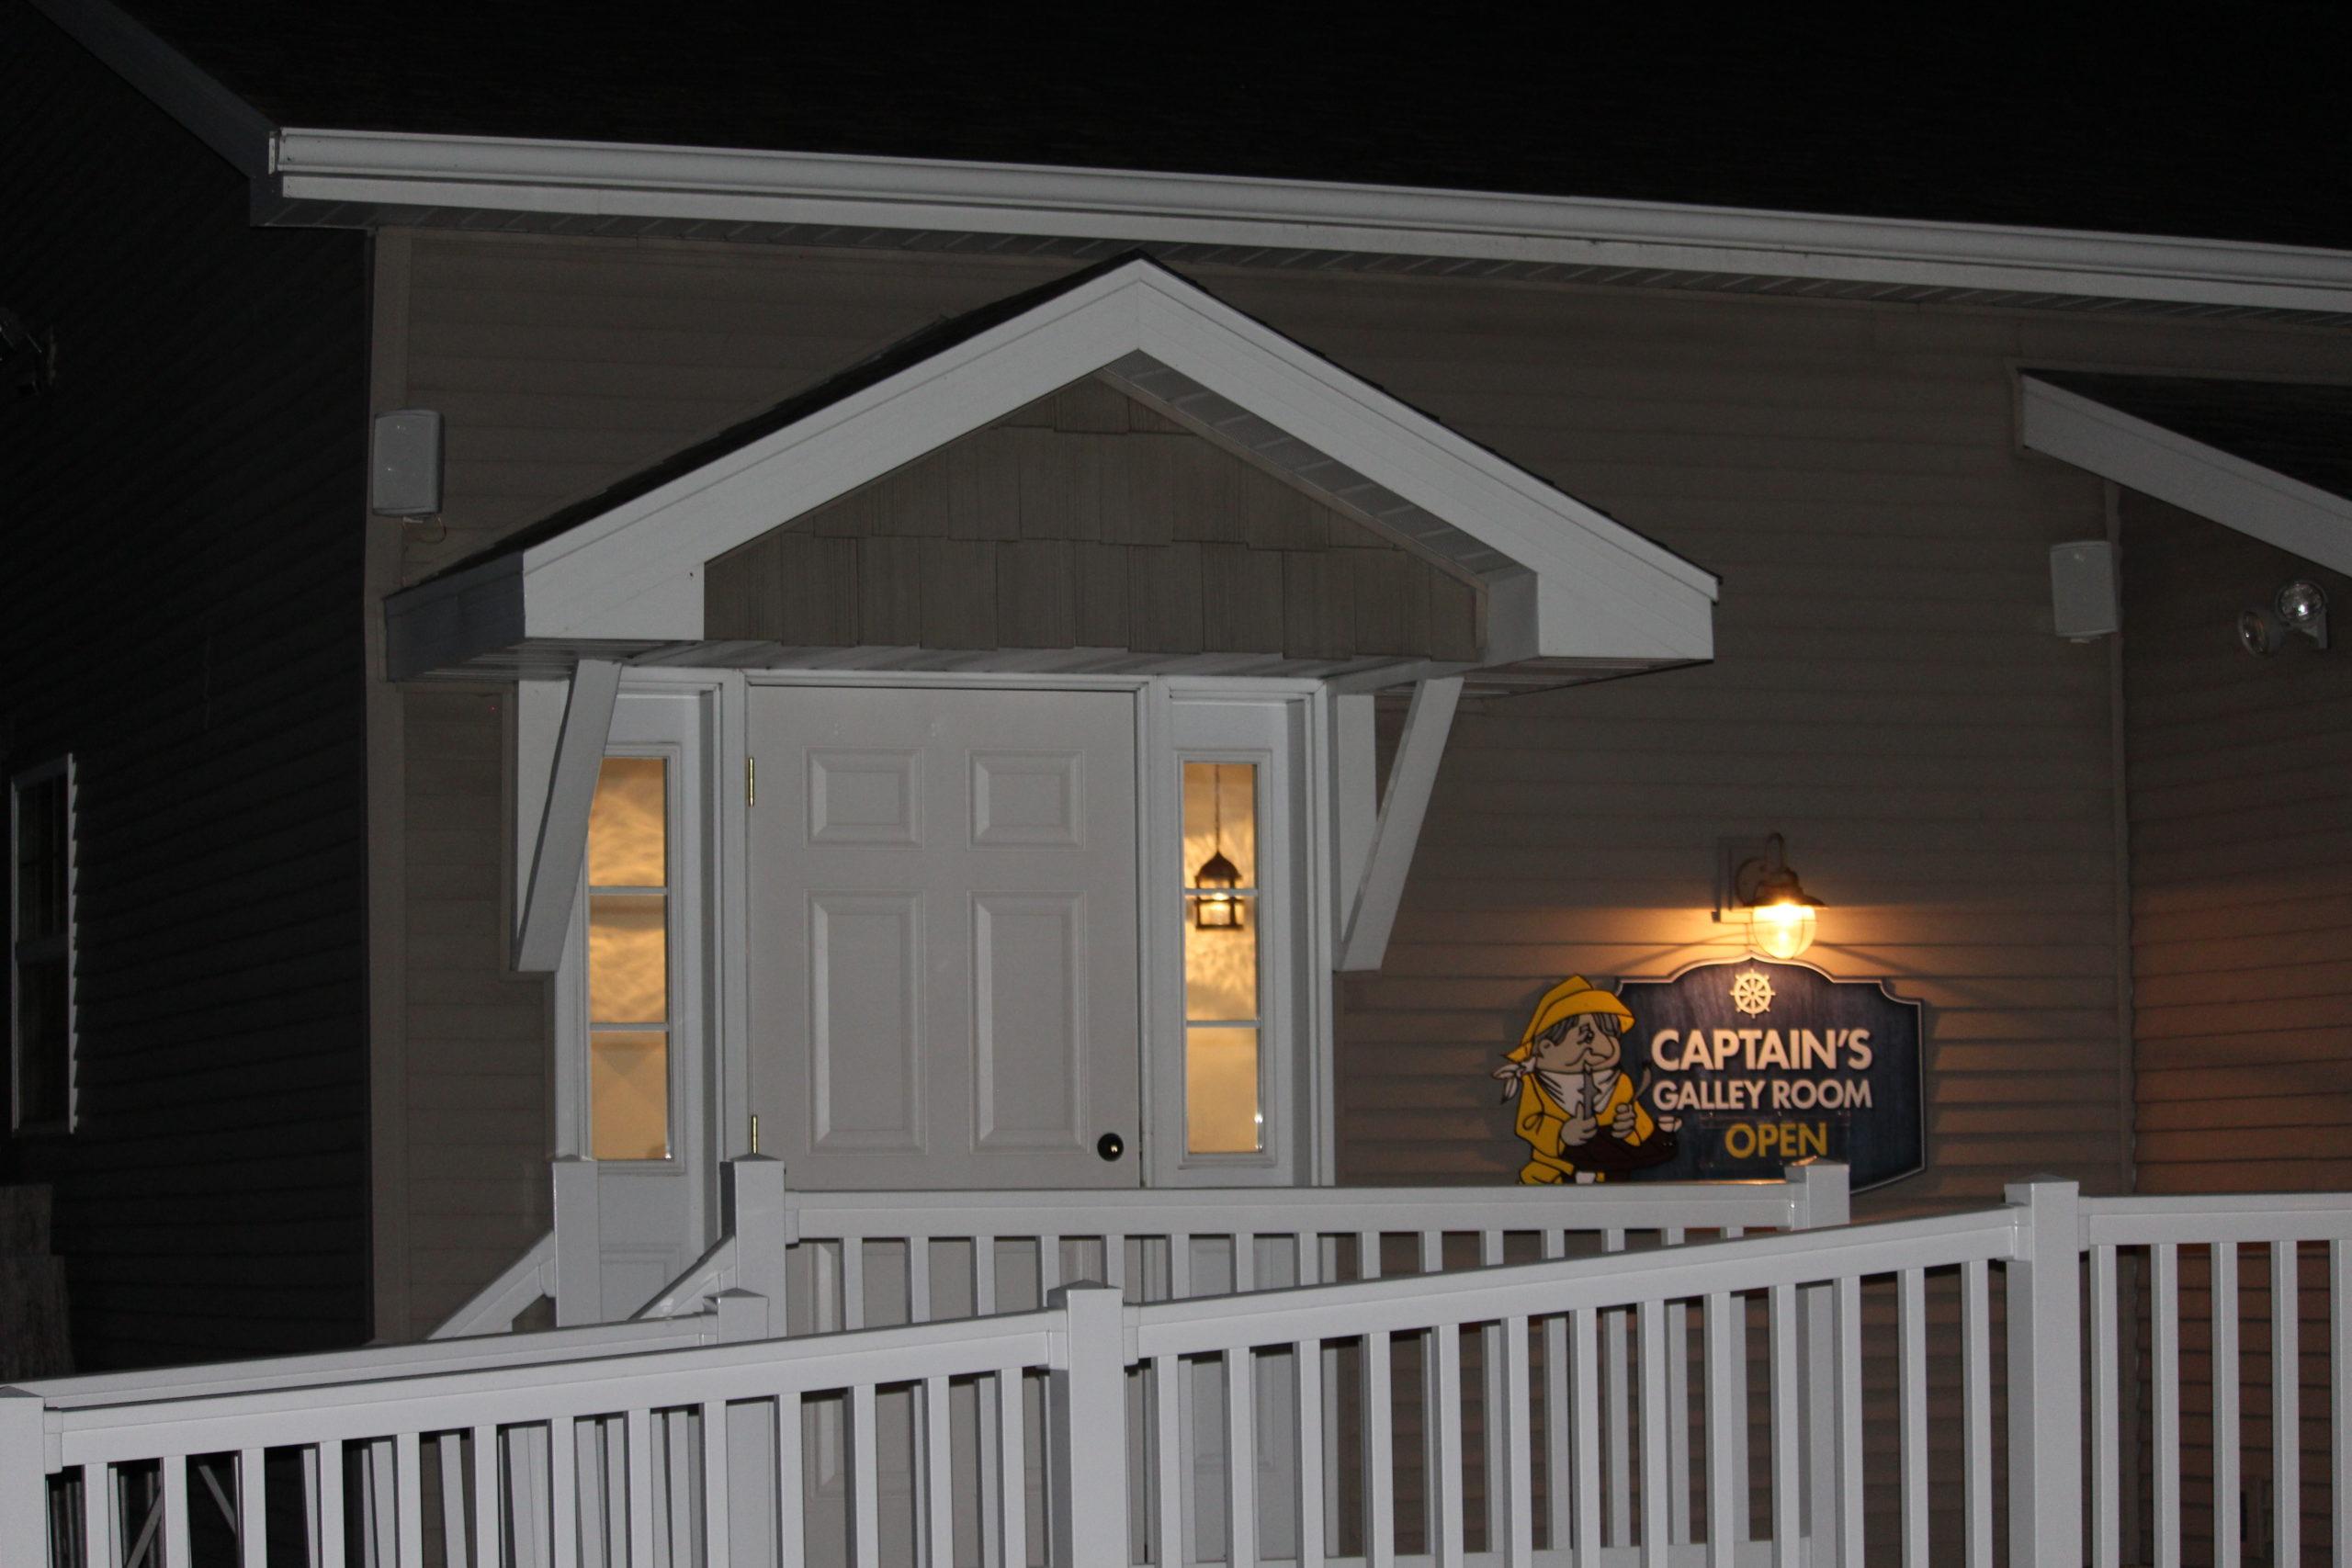 Captains-Galley-Room-Algoma-Wisconsin